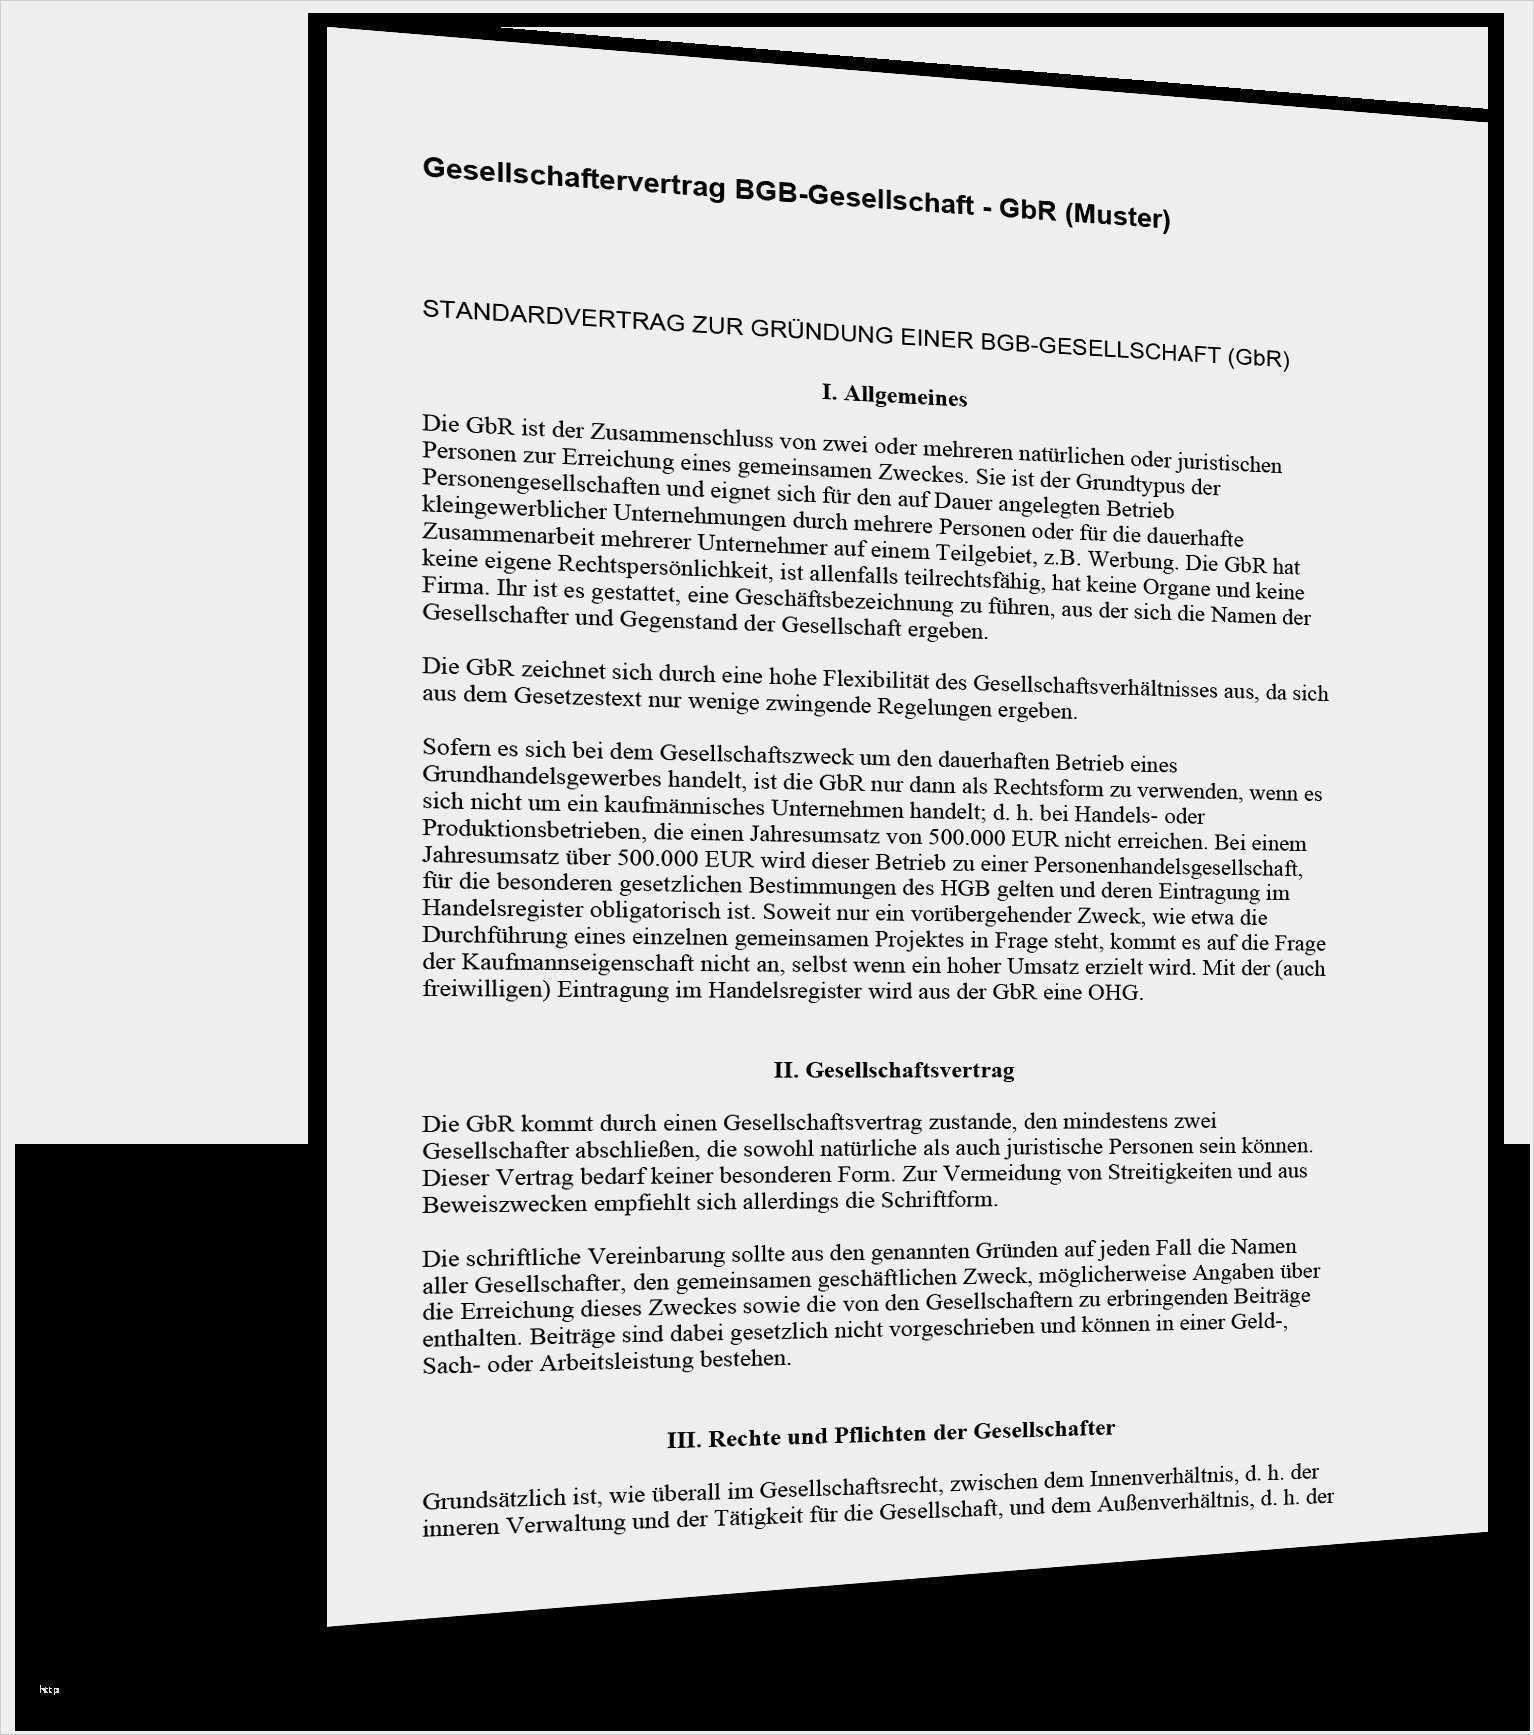 37 Gut Ubernahme Kuche Vormieter Vertrag Vorlage Abbildung In 2020 Vorlagen Anschreiben Vorlage Website Vorlagen